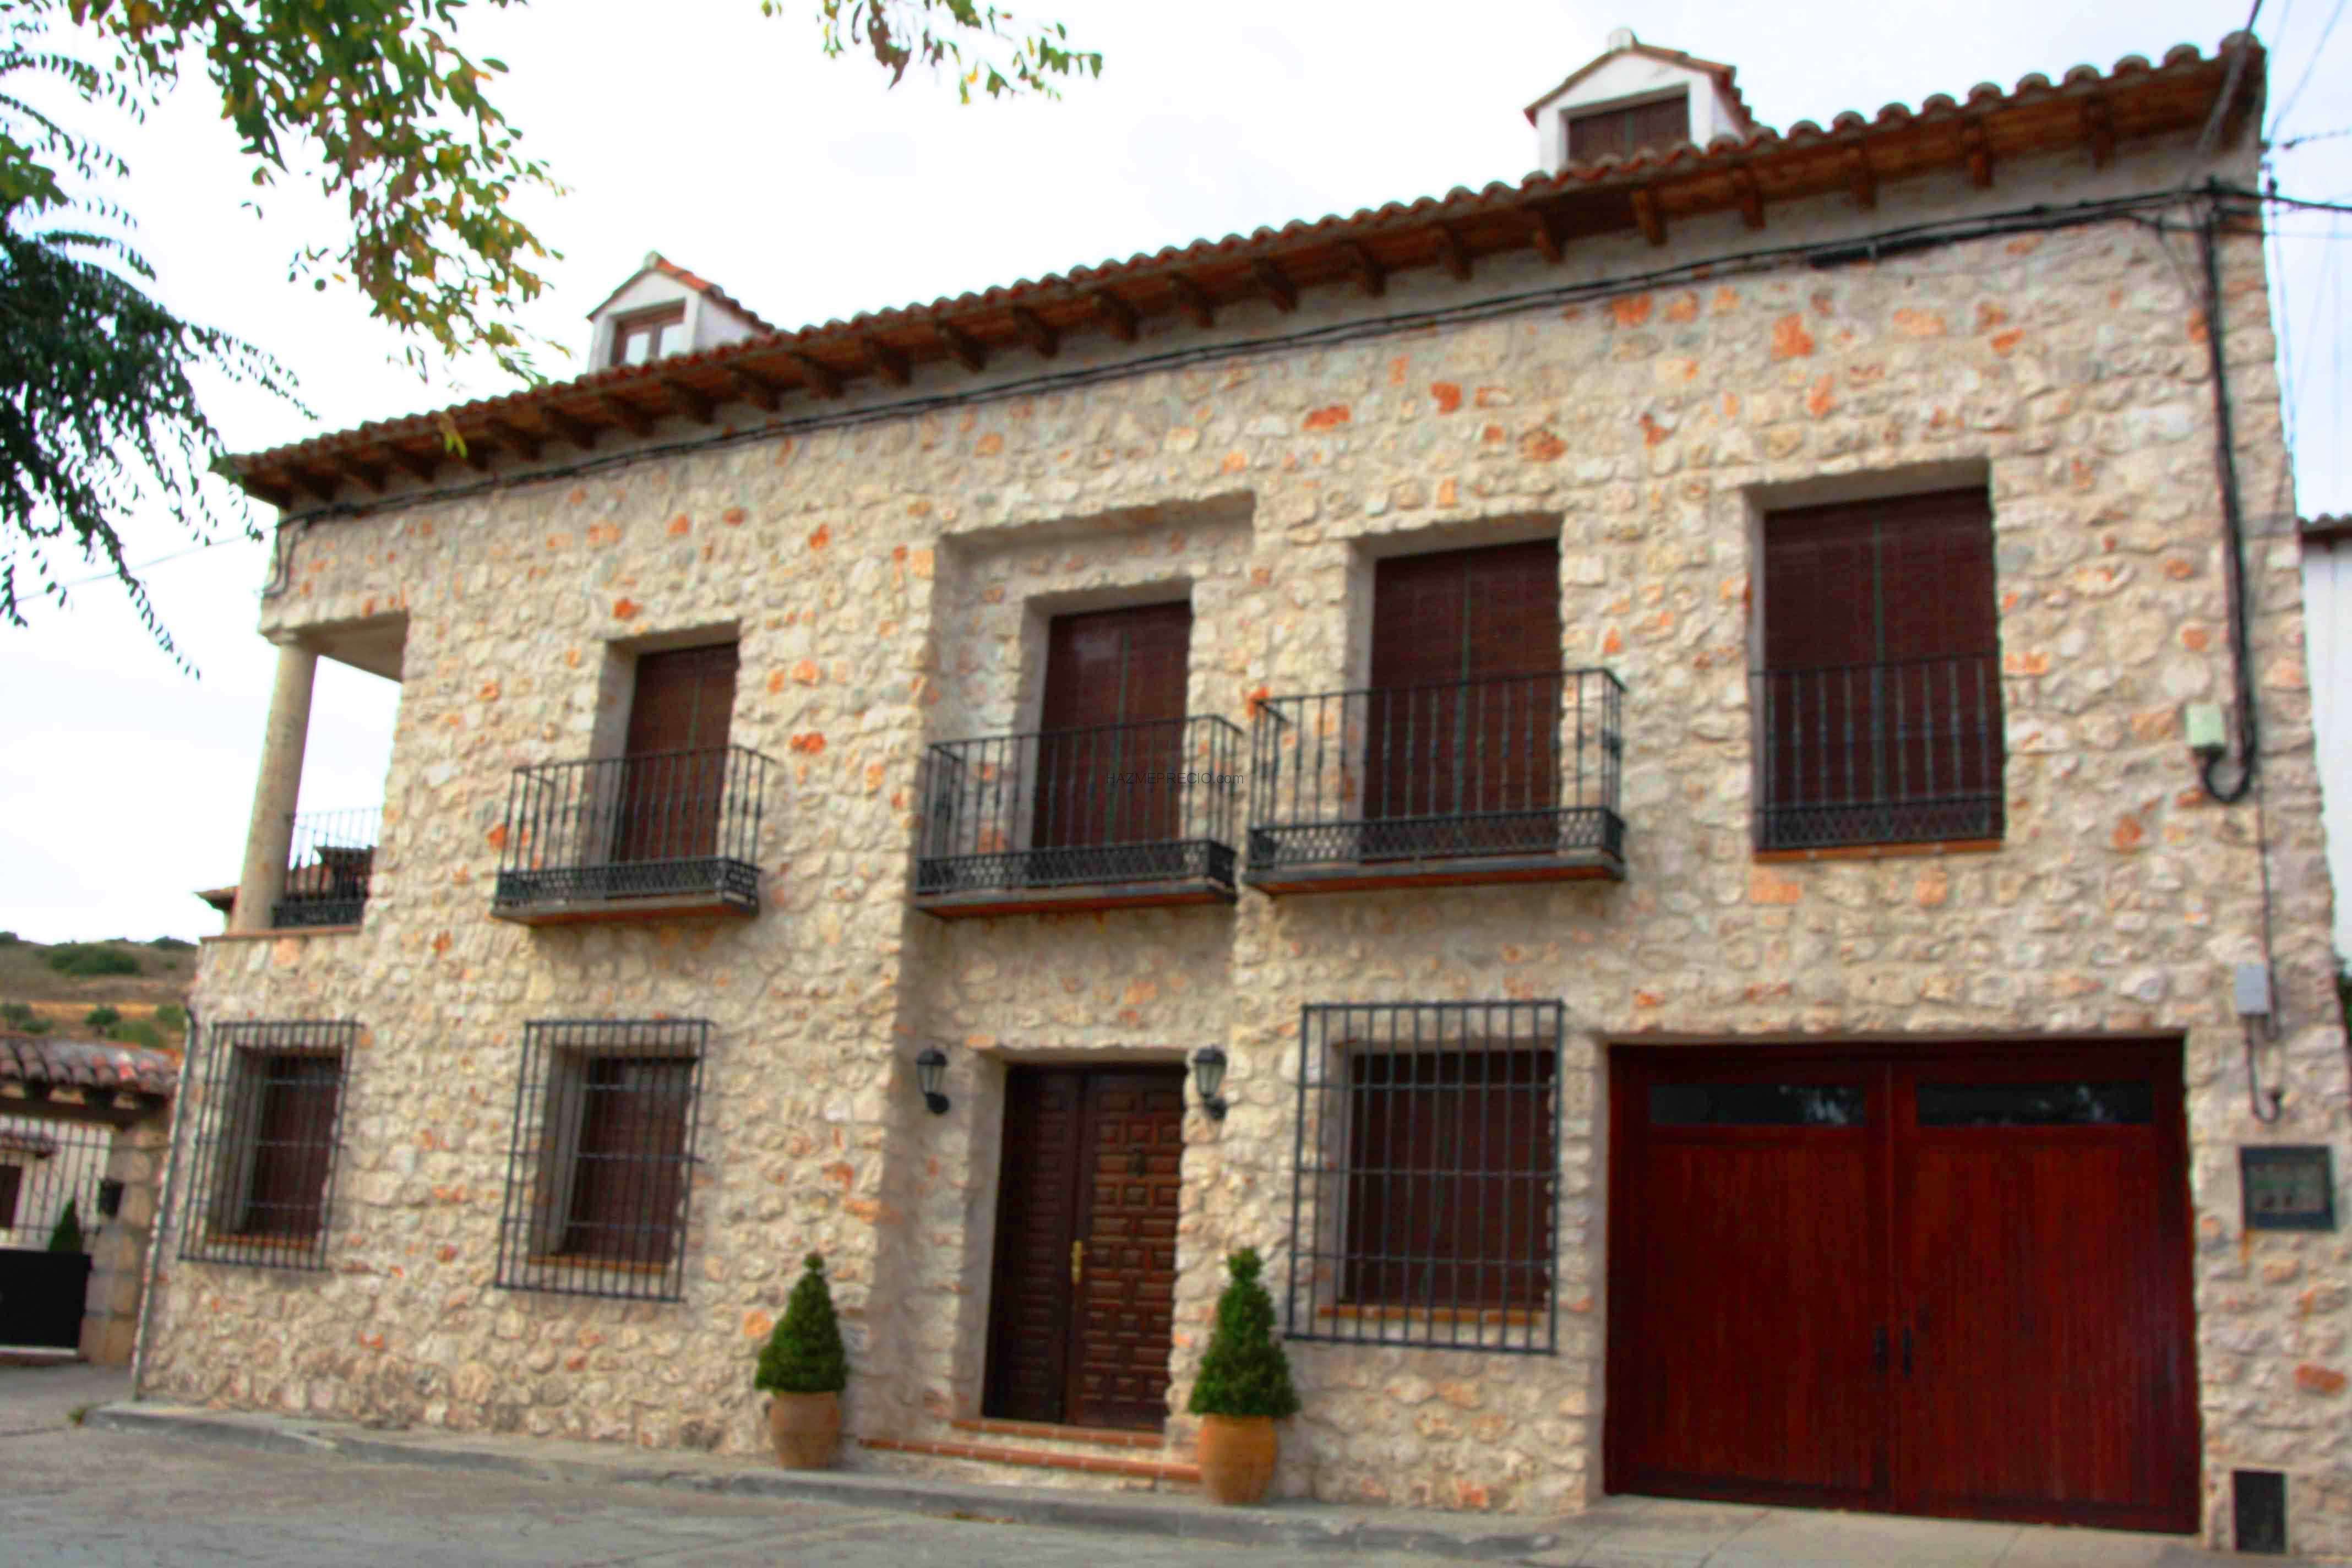 R sticas y rehabilitaci n nubacons sl 28515 olmeda de - Rehabilitacion de casas antiguas ...